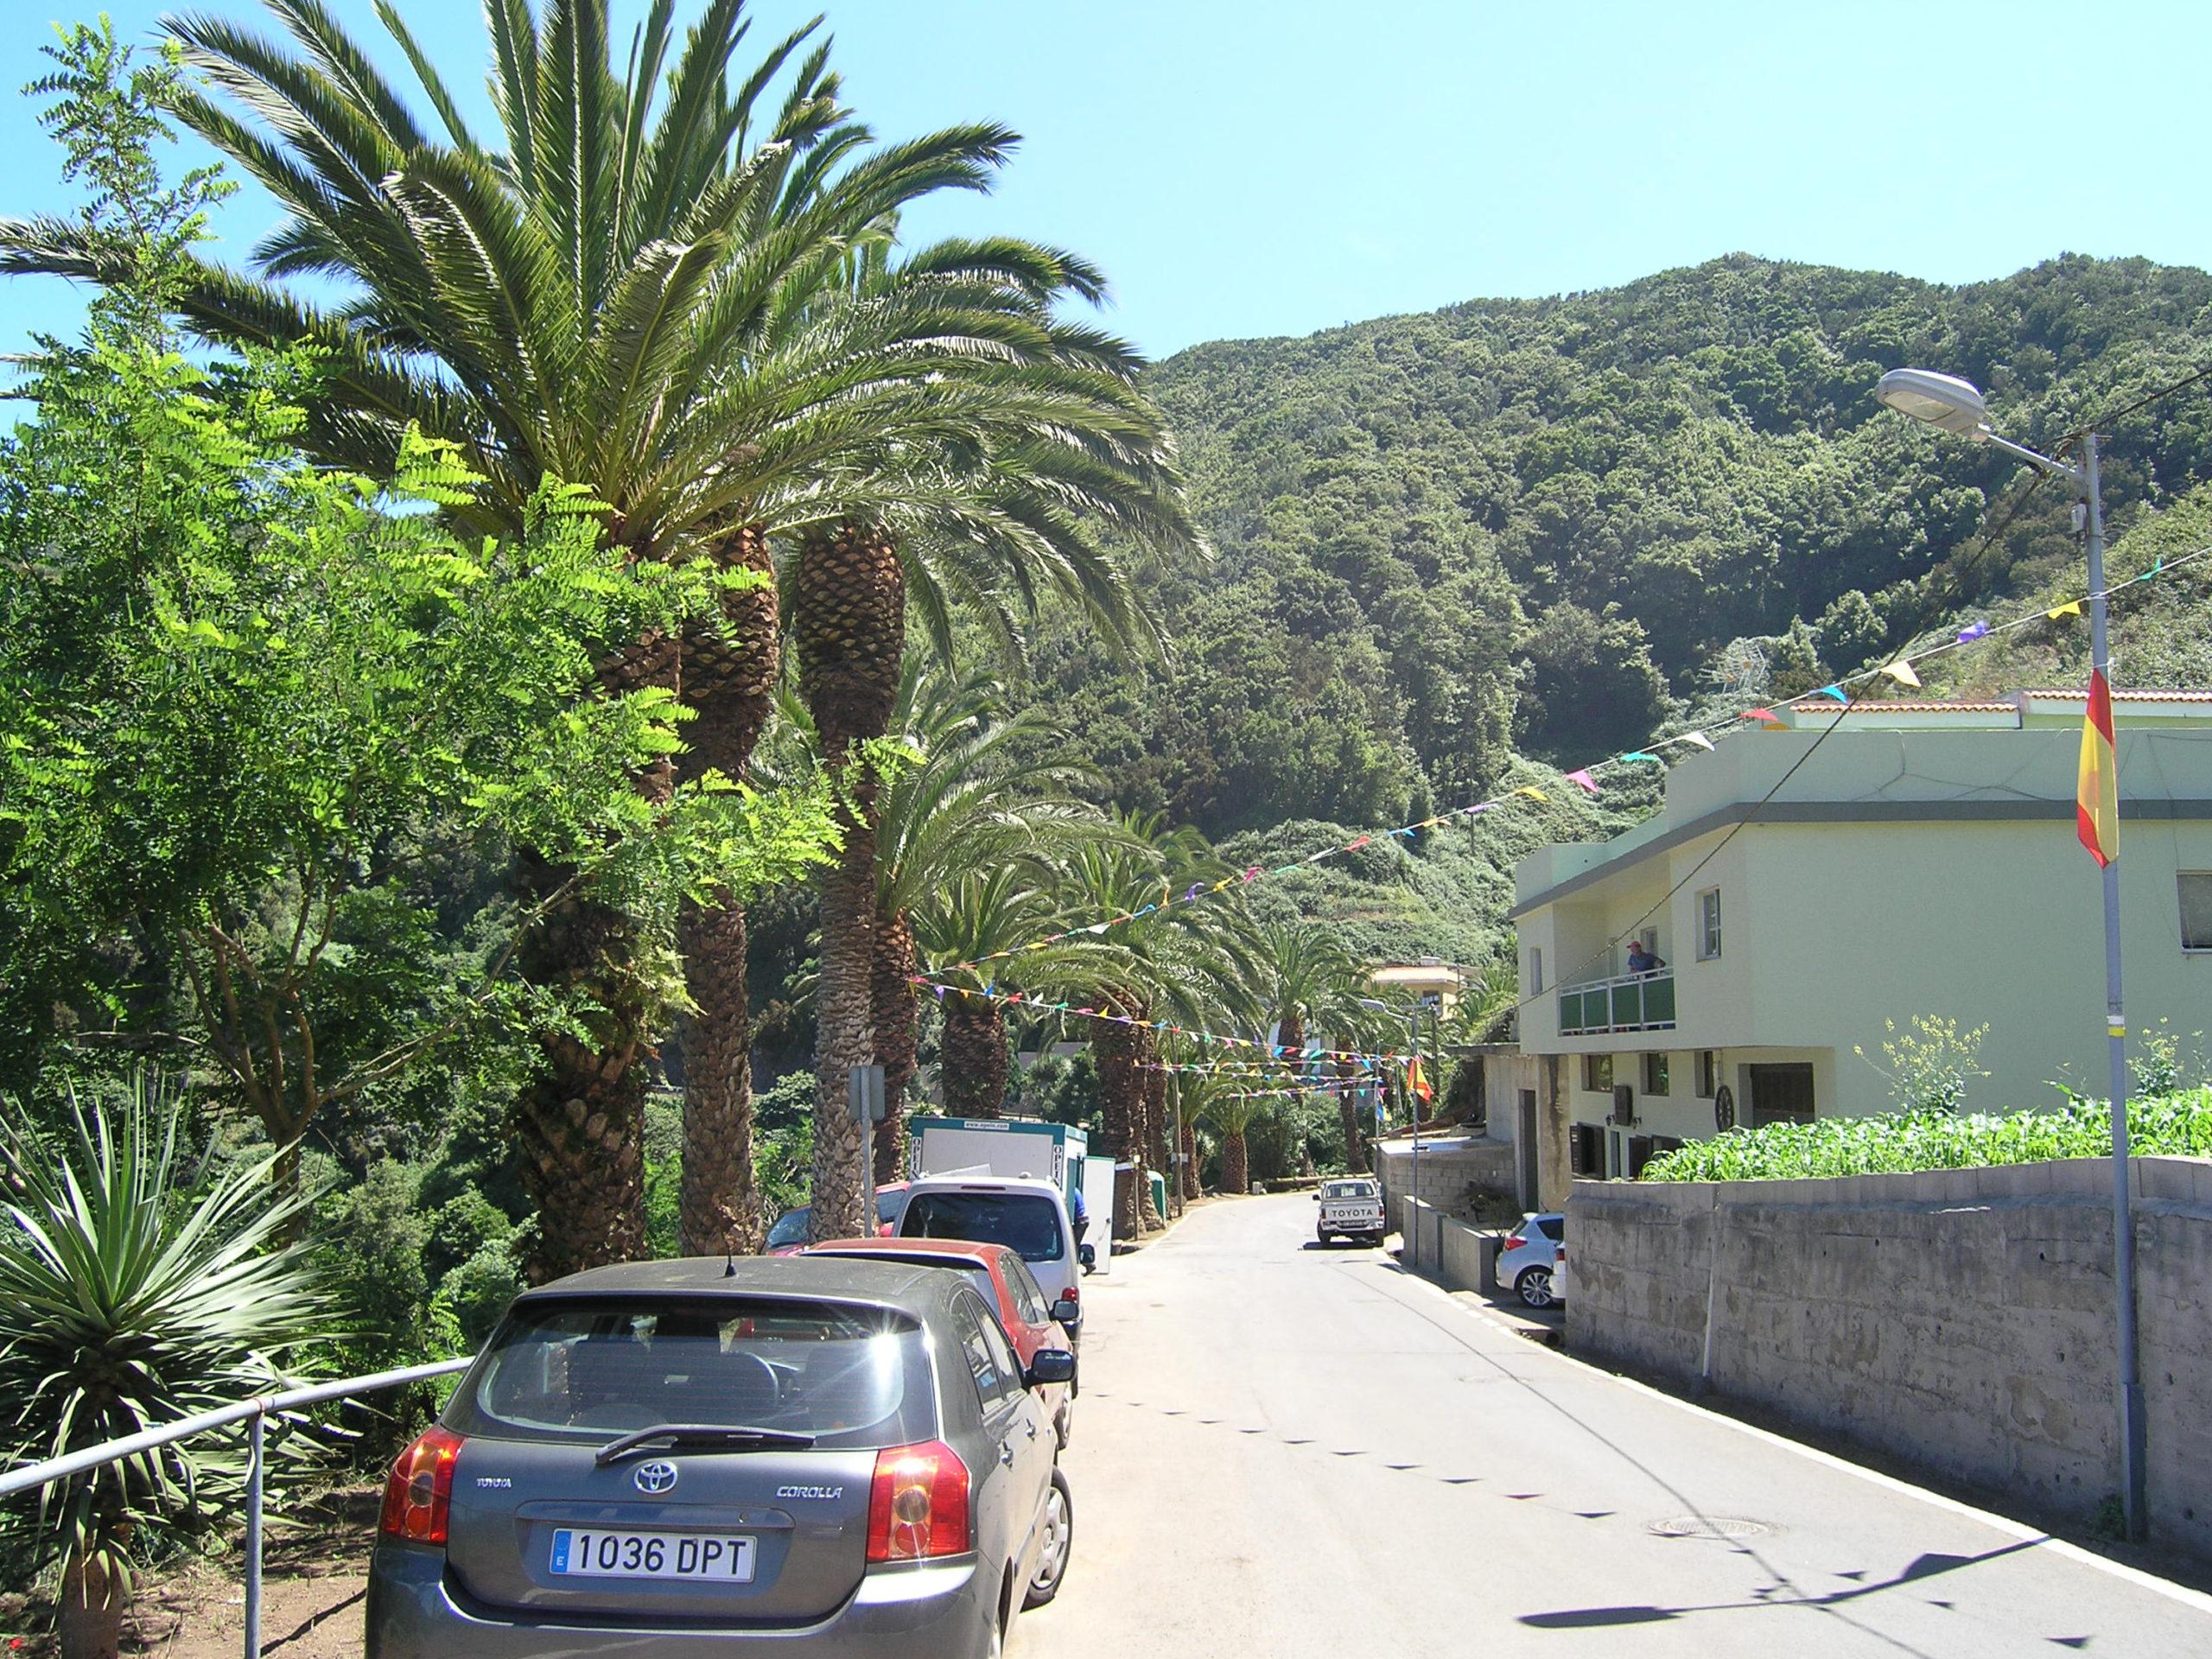 Widok na drogę samochody i góry